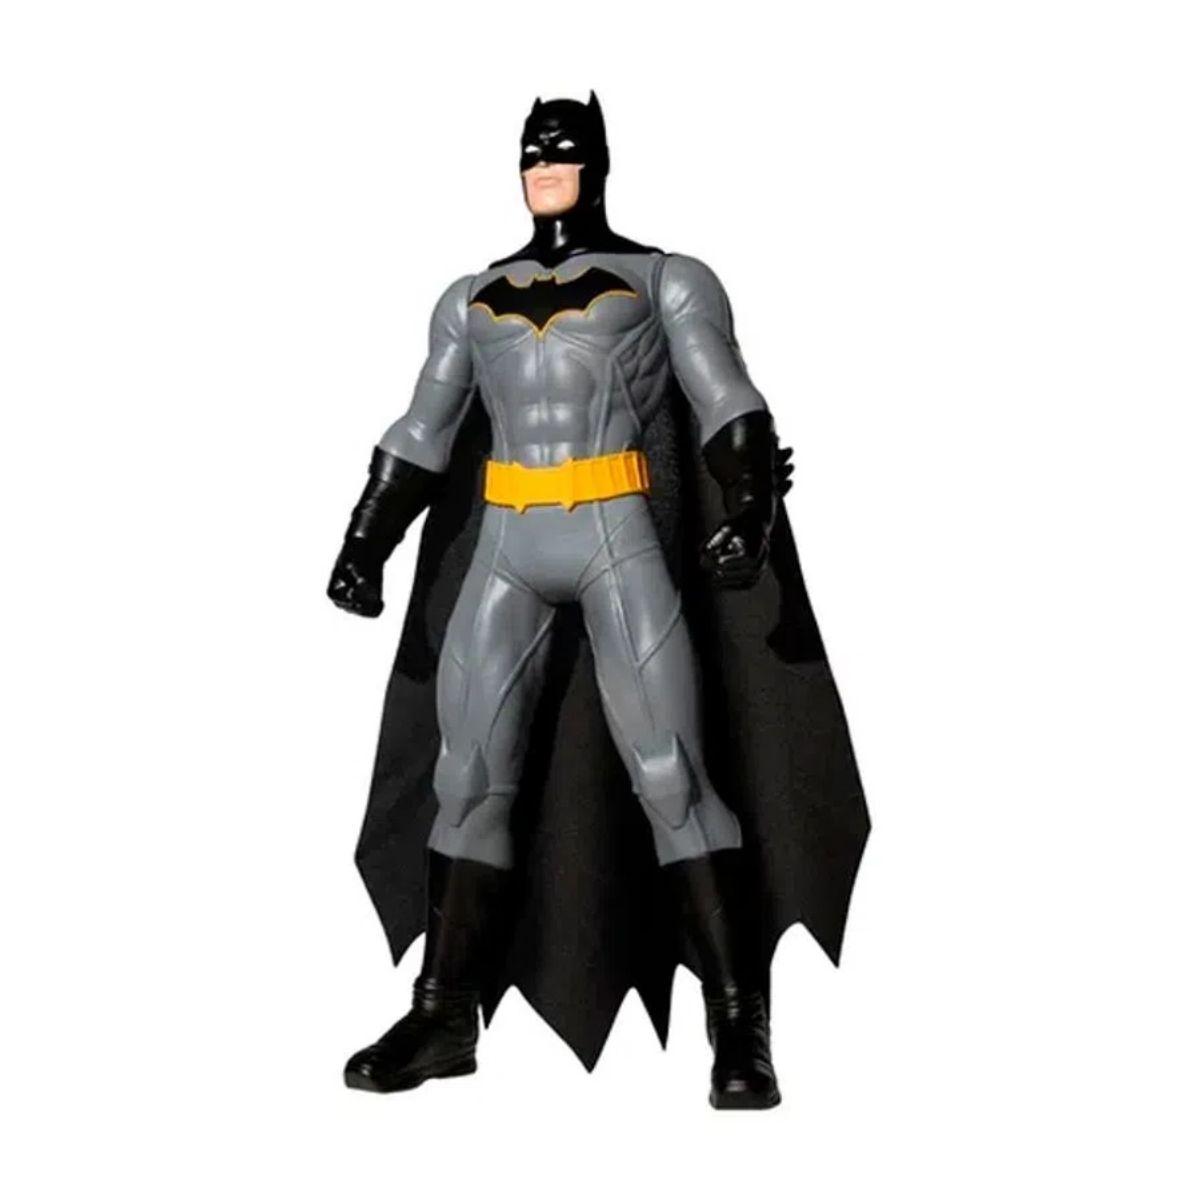 Boneco Batman Dc Comics Articulado 40cm